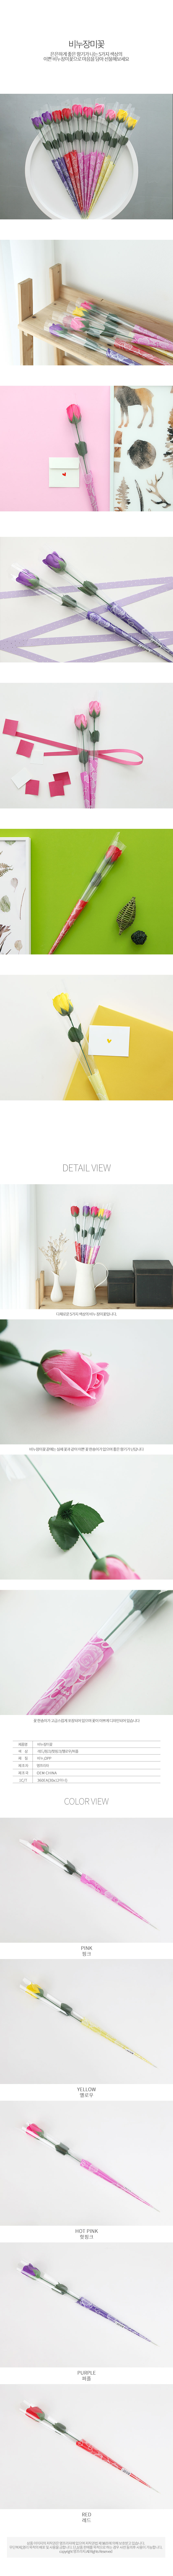 비누장미꽃 - 포포팬시, 1,000원, 조화, 비누꽃